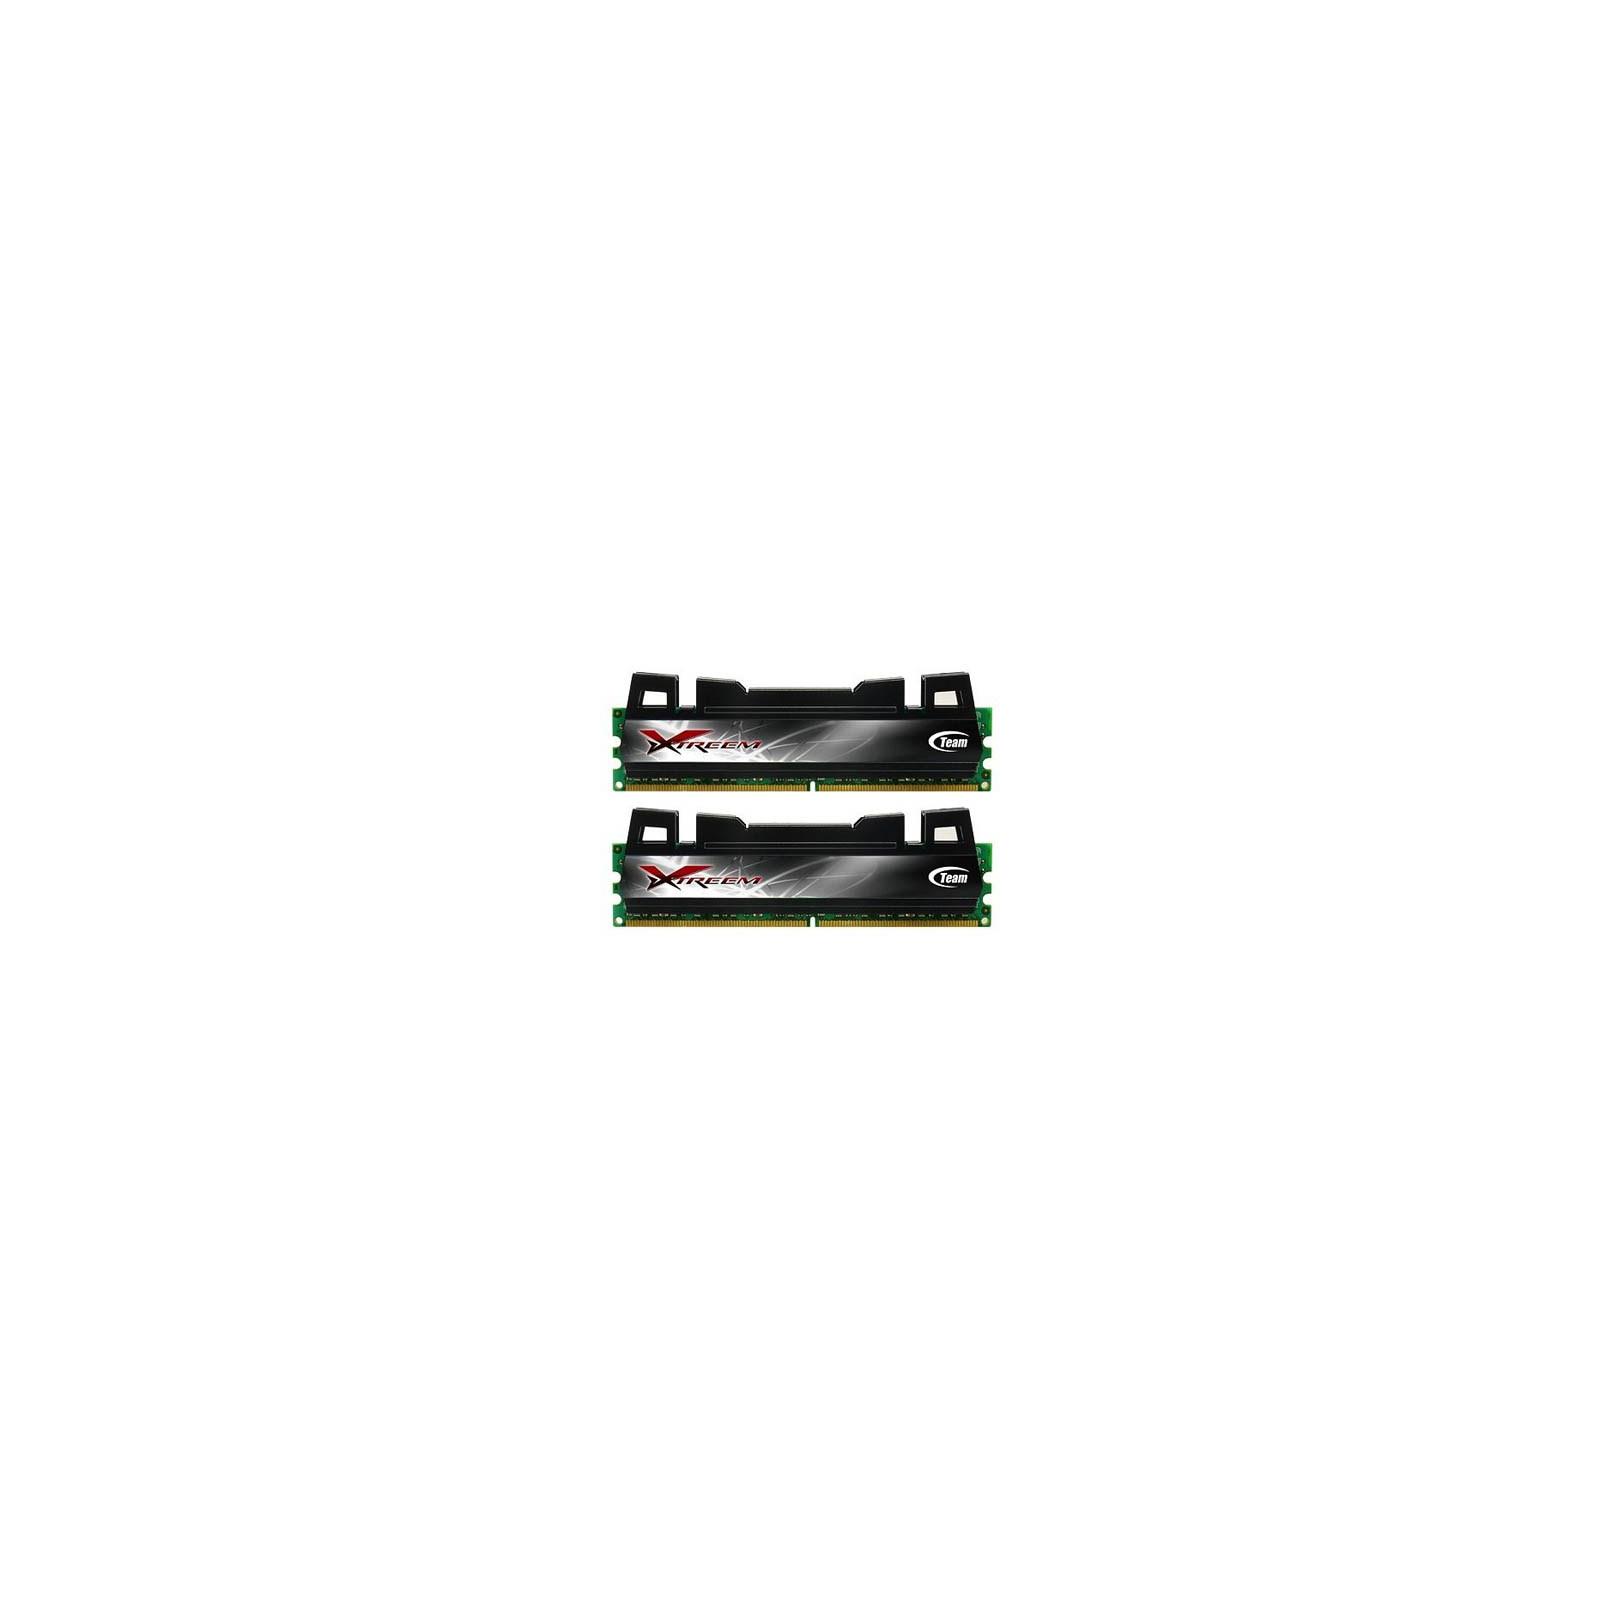 Модуль памяти для компьютера DDR3 16GB (2x8GB) 1866 MHz Team (TDD316G1866HC10SDC01)